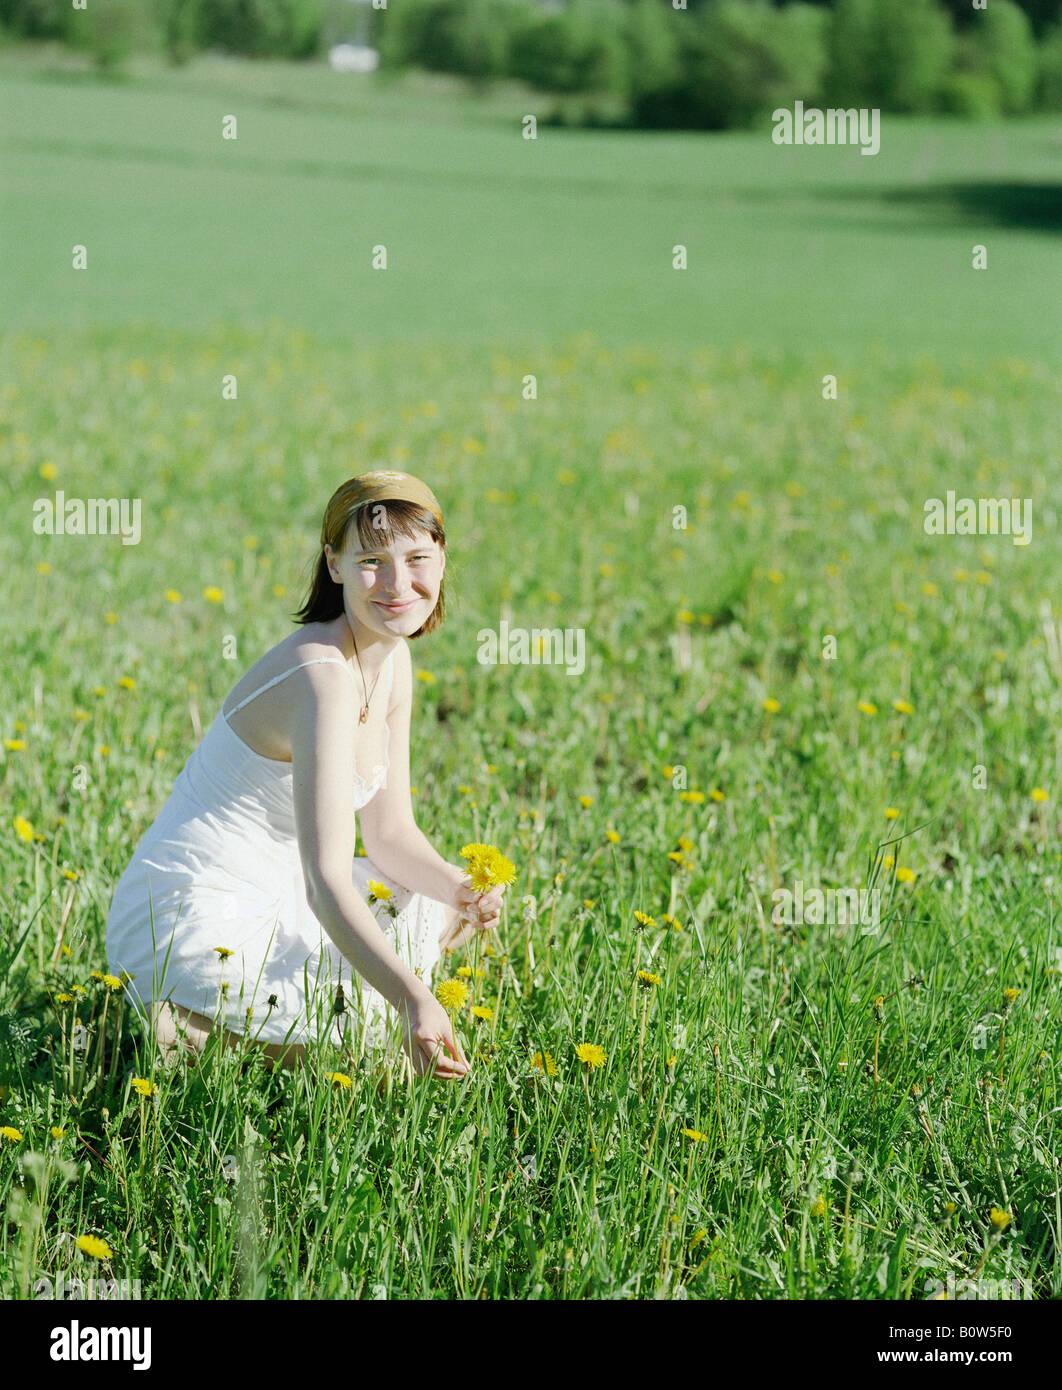 Junge Frau, die Blumen zu pflücken, in einem Feld Stockbild